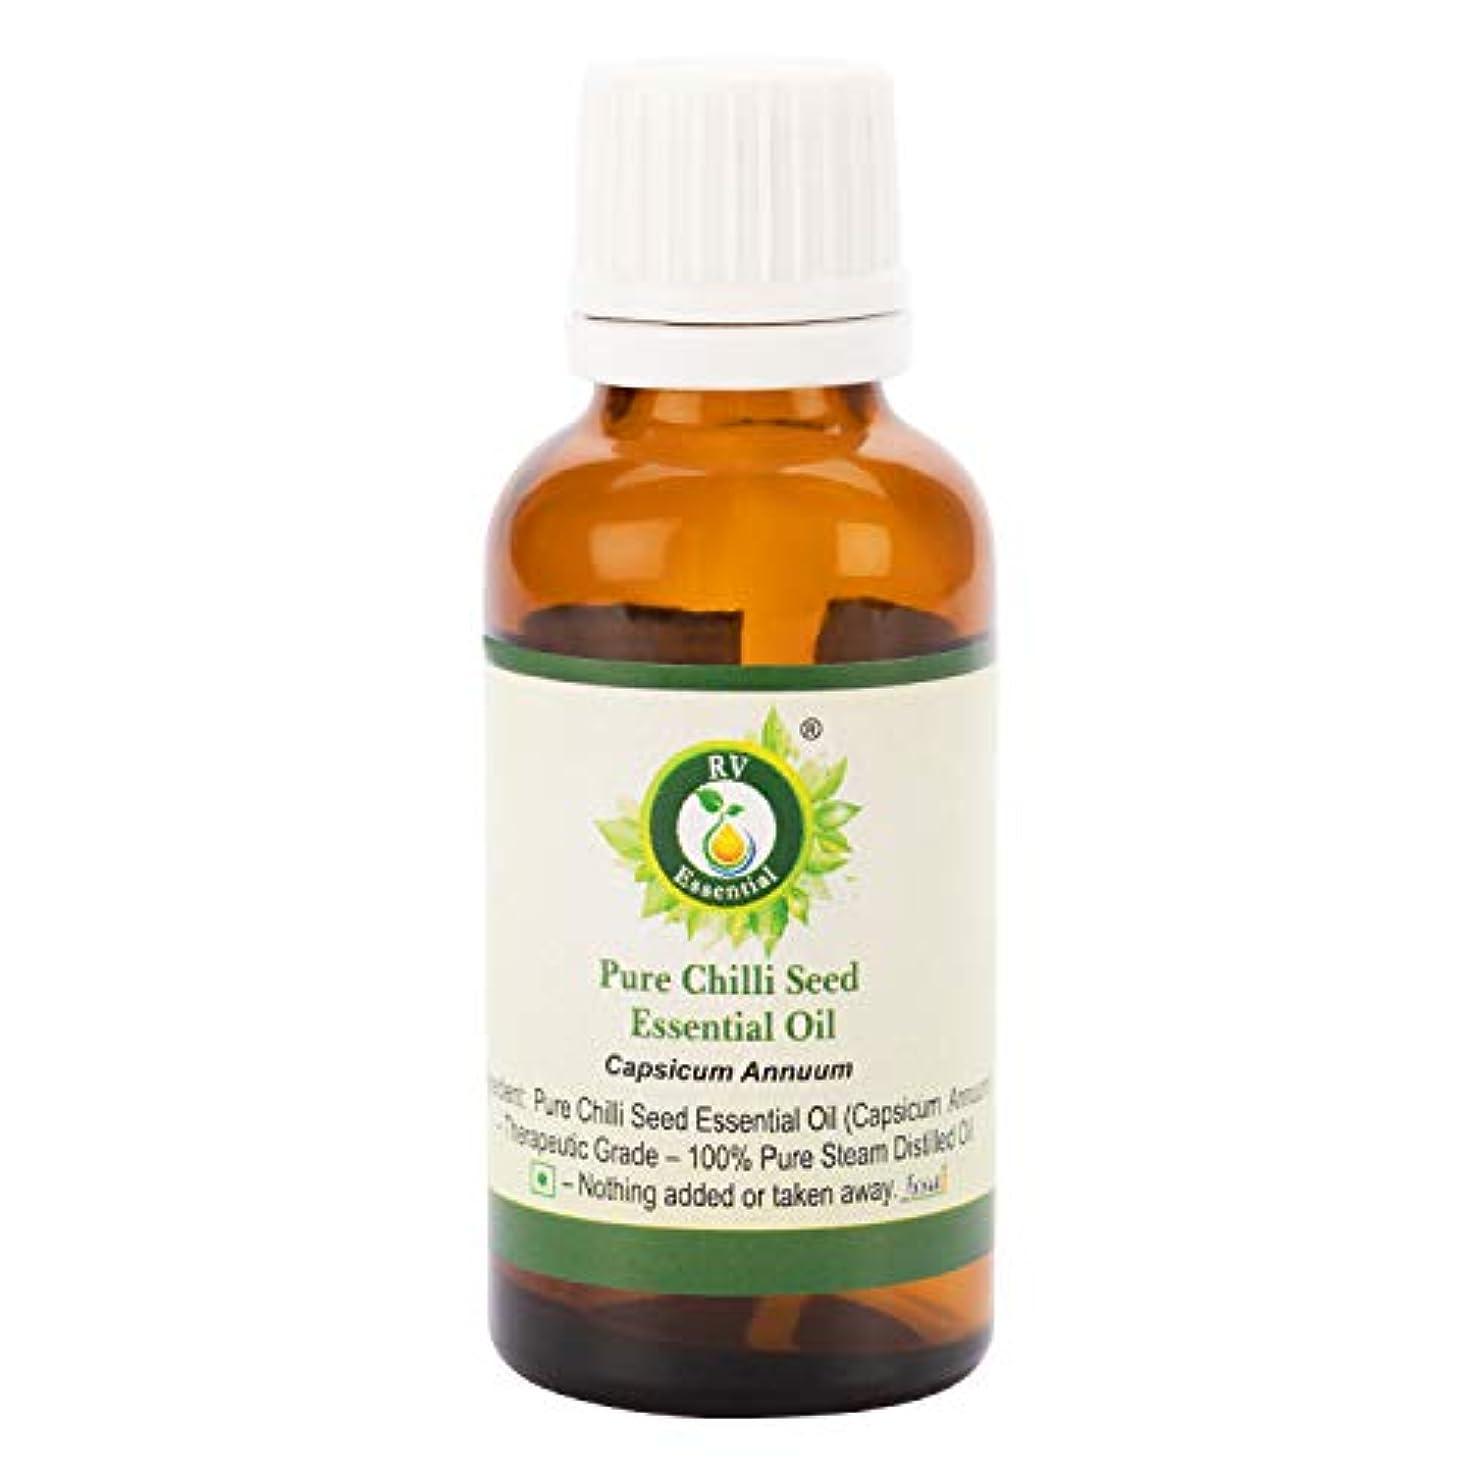 ロマンチックつぶすお母さんピュアチリシードエッセンシャルオイル5ml (0.169oz)- Capsicum Annuum (100%純粋&天然スチームDistilled) Pure Chilli Seed Essential Oil